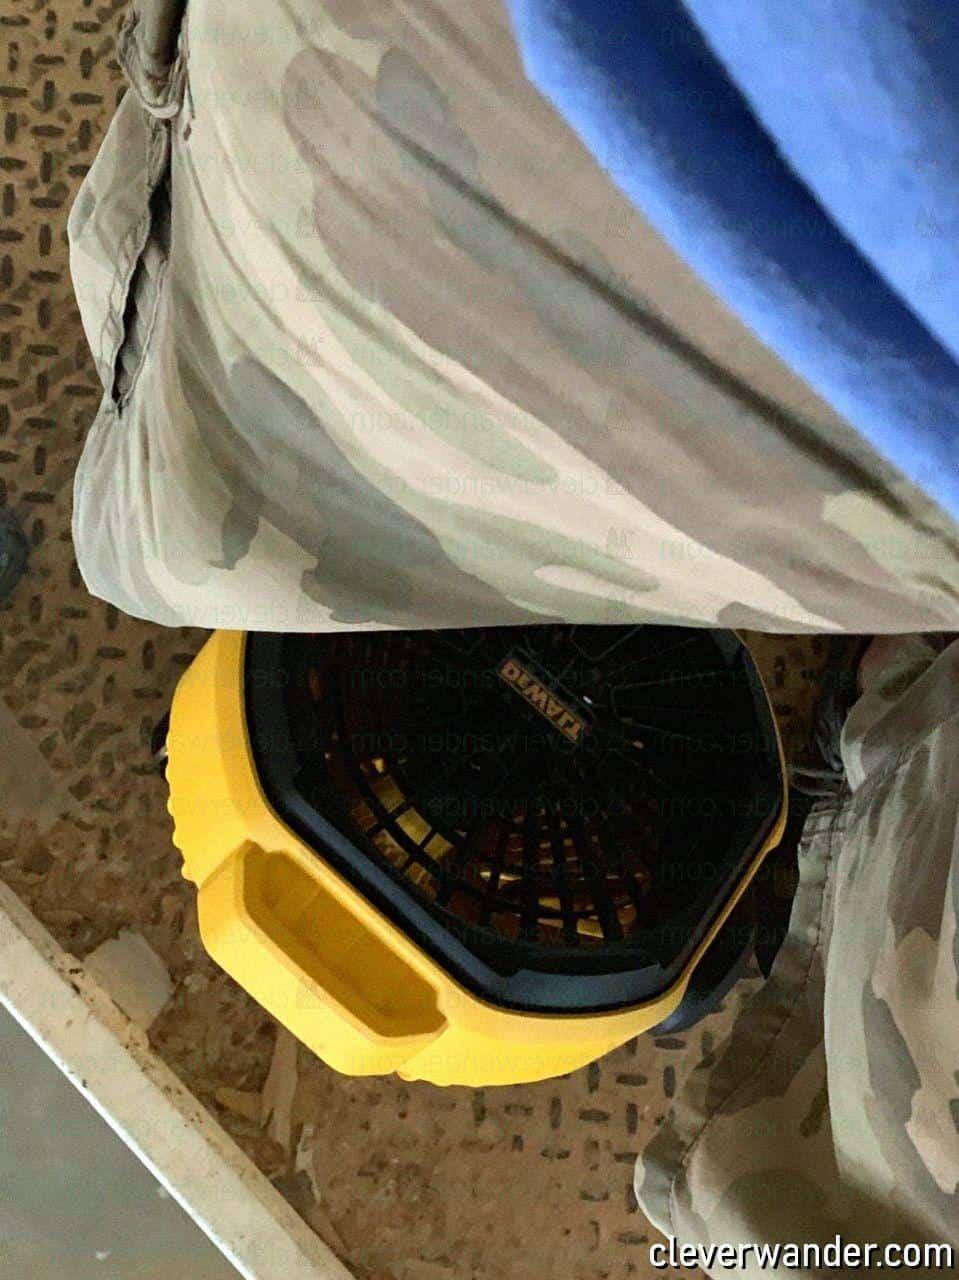 Dewalt DC3511B Cordless Jobsite Fan - image review 4